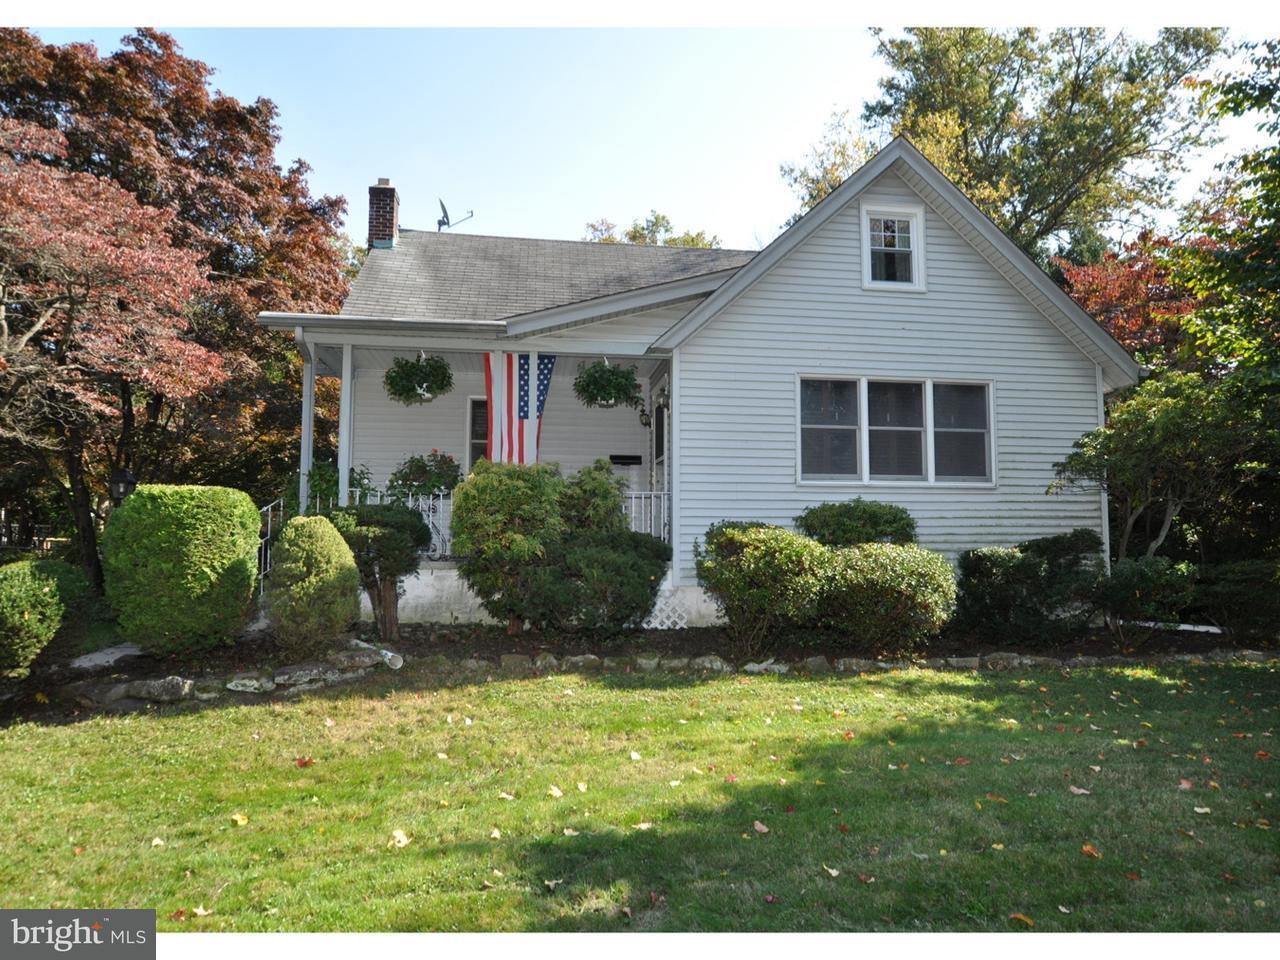 Частный односемейный дом для того Продажа на 156 W CENTRAL Avenue Moorestown, Нью-Джерси 08057 Соединенные Штаты